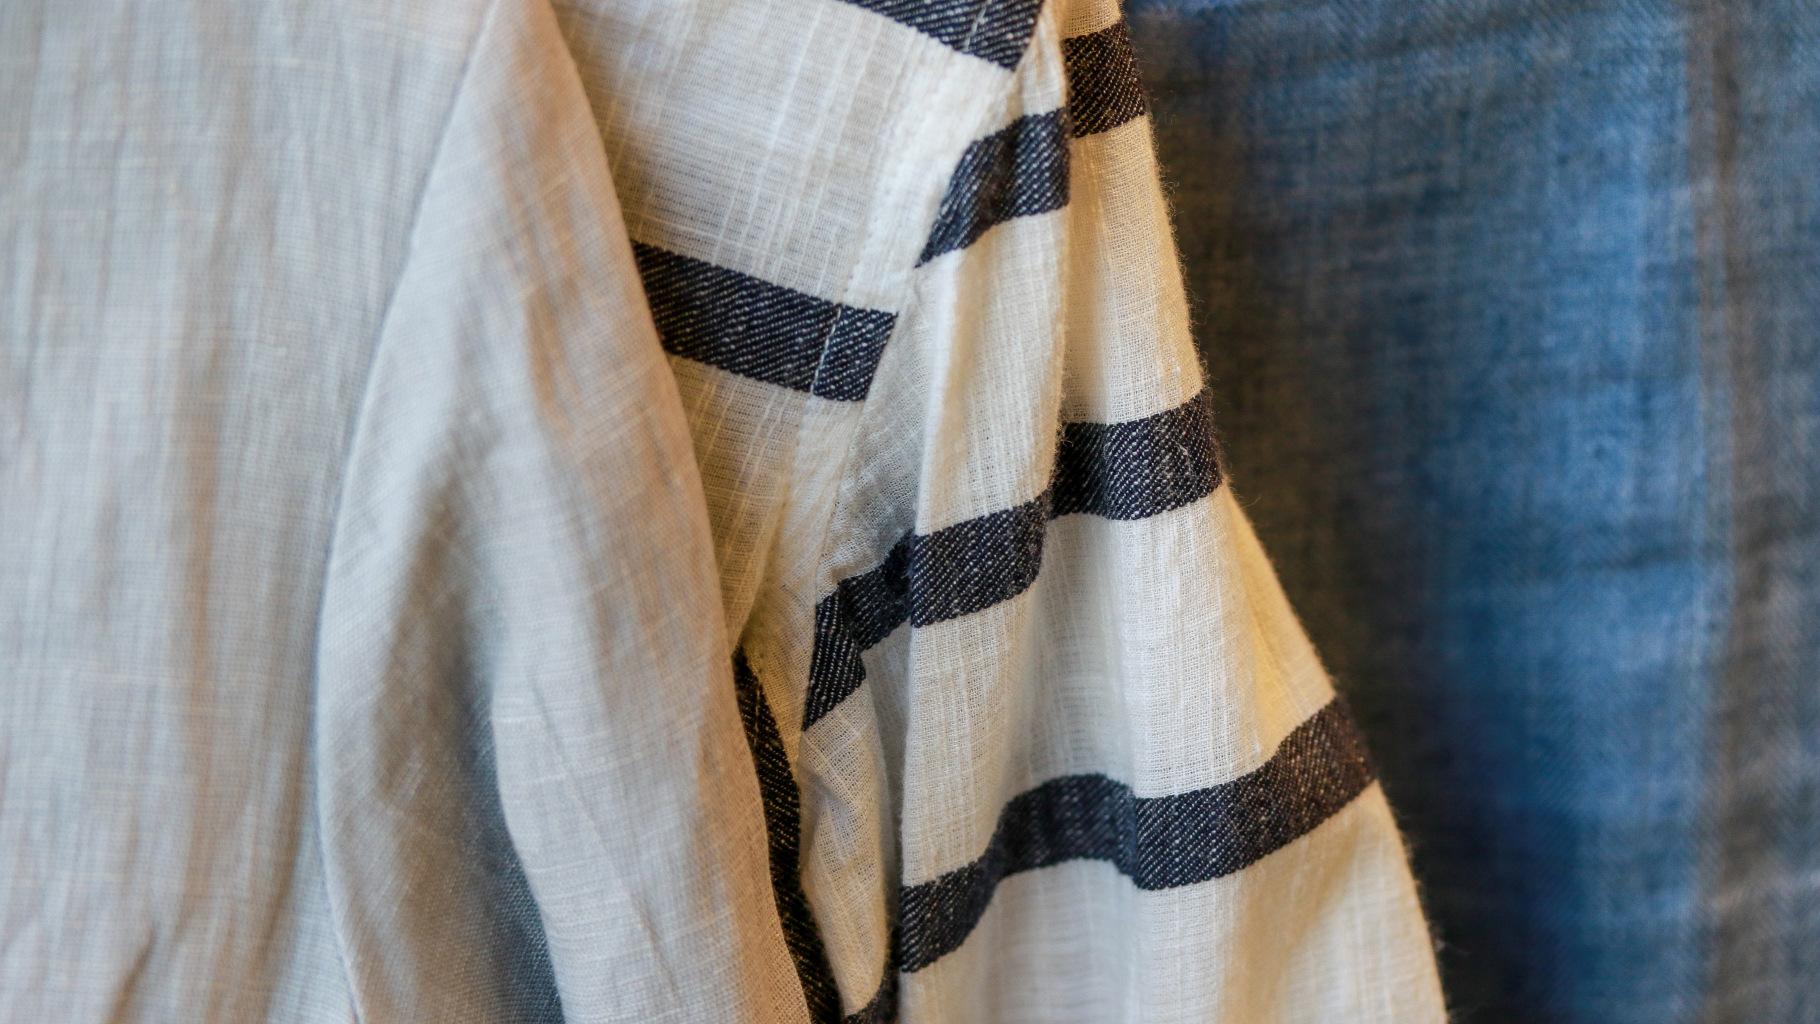 günstige Leinen-Kleidung gibt es im Oxfam Shop